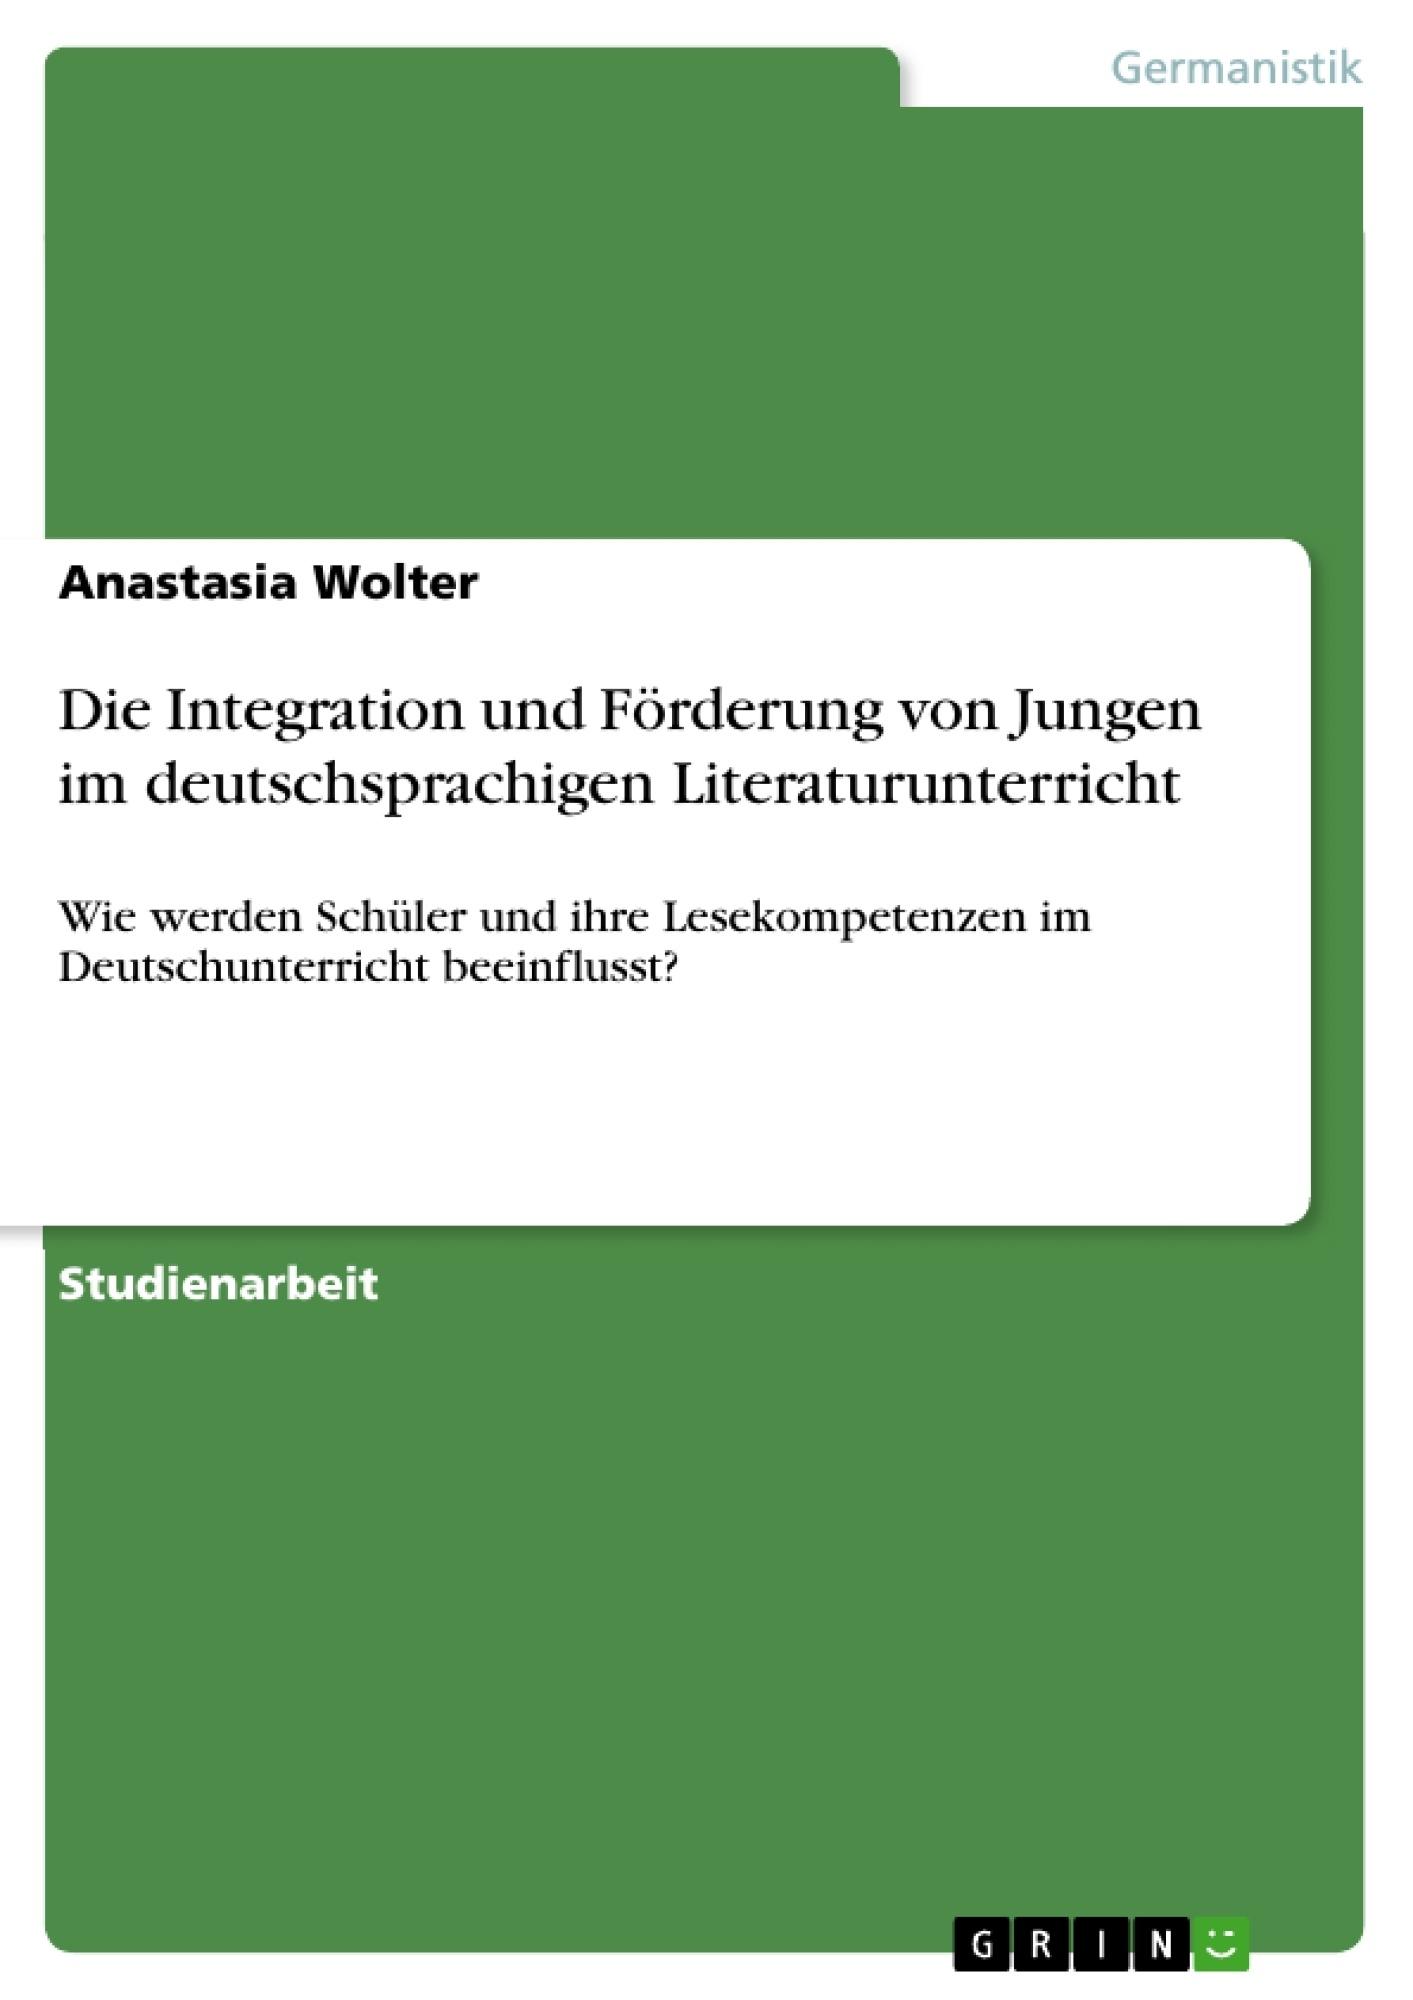 Titel: Die Integration und Förderung von Jungen im deutschsprachigen Literaturunterricht